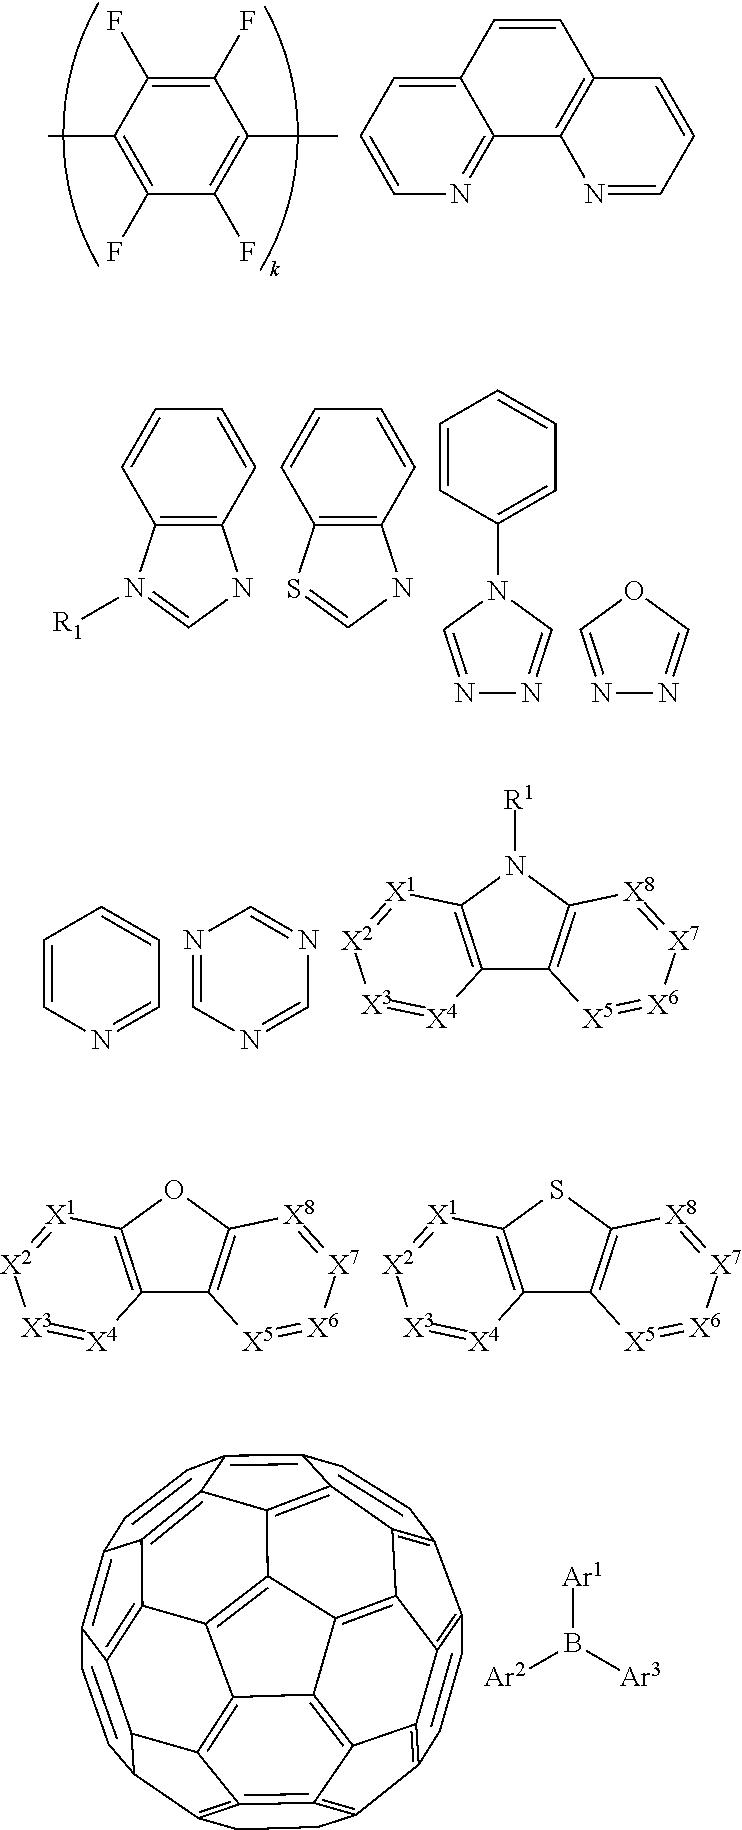 Figure US09210810-20151208-C00010